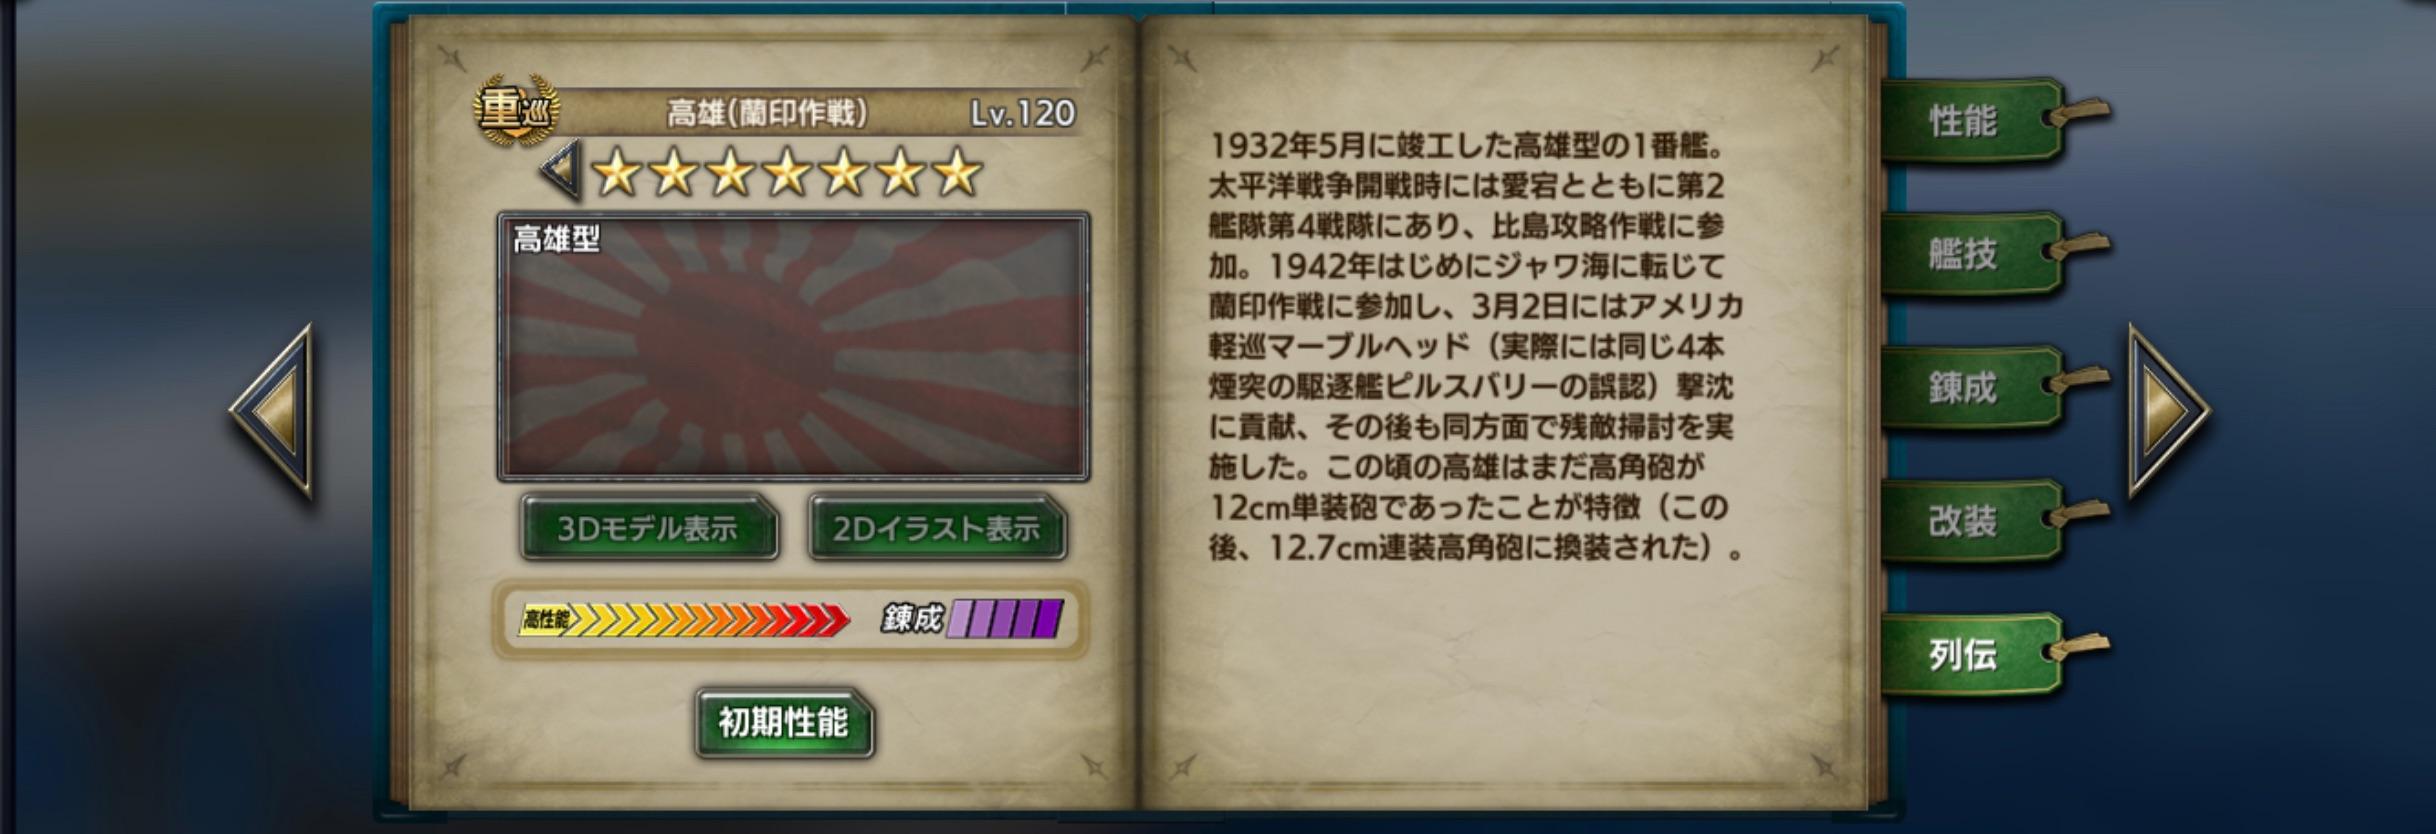 TakaoD-history